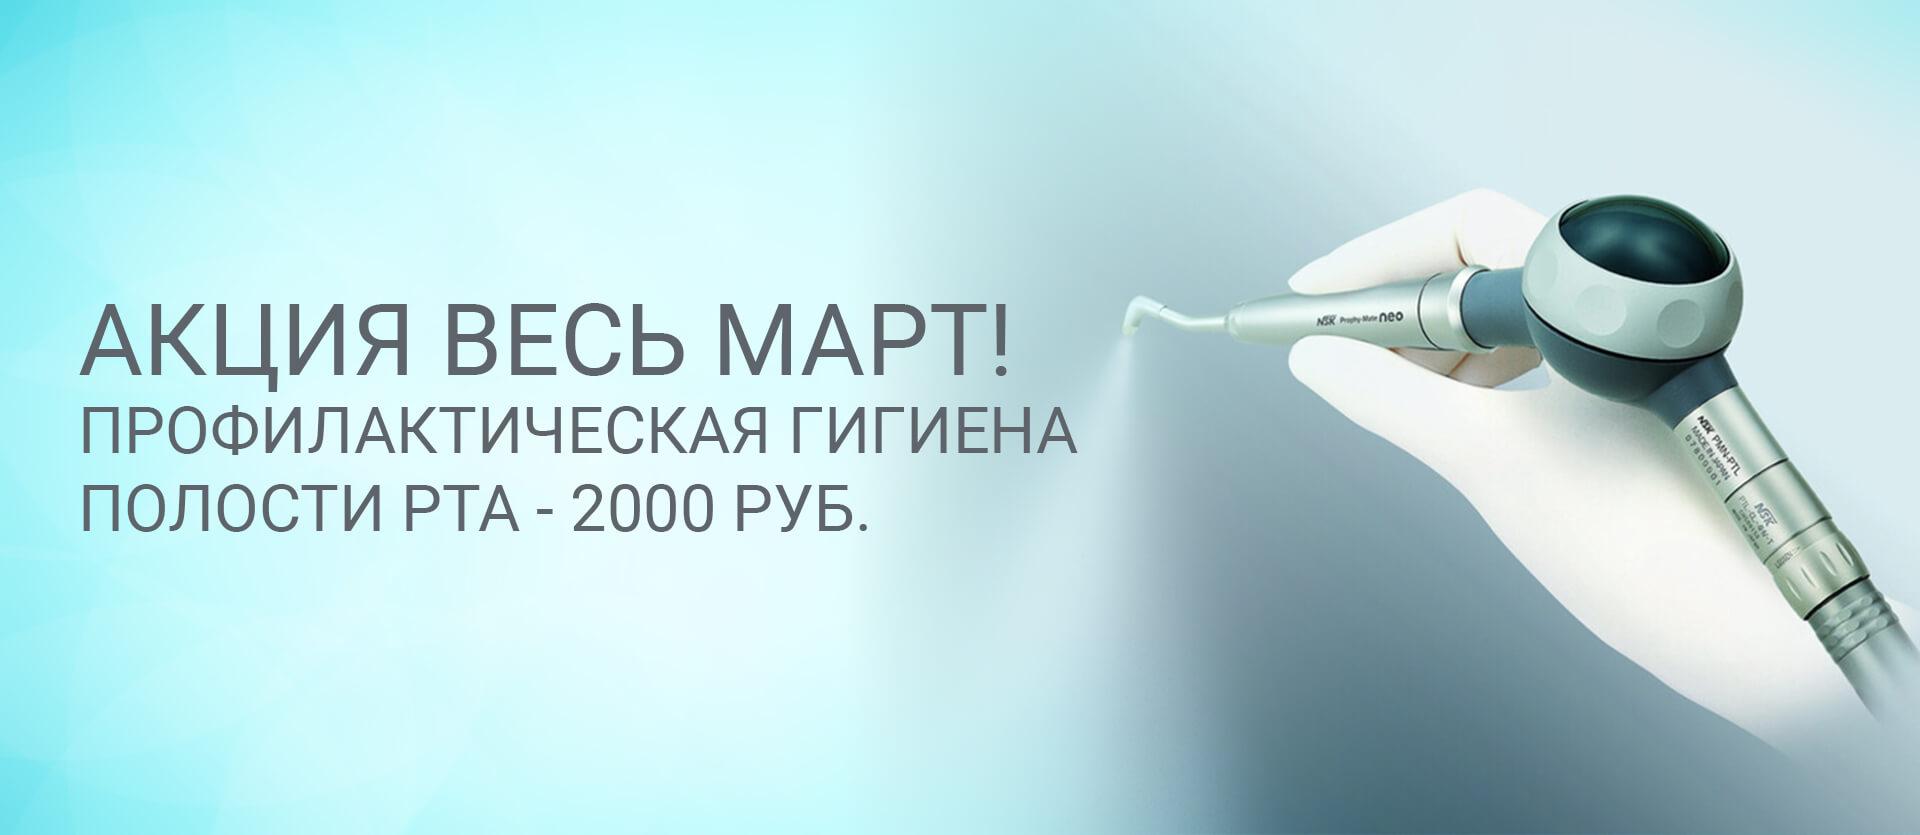 Профилактическая гигиена полости рта 2000 руб. весь март